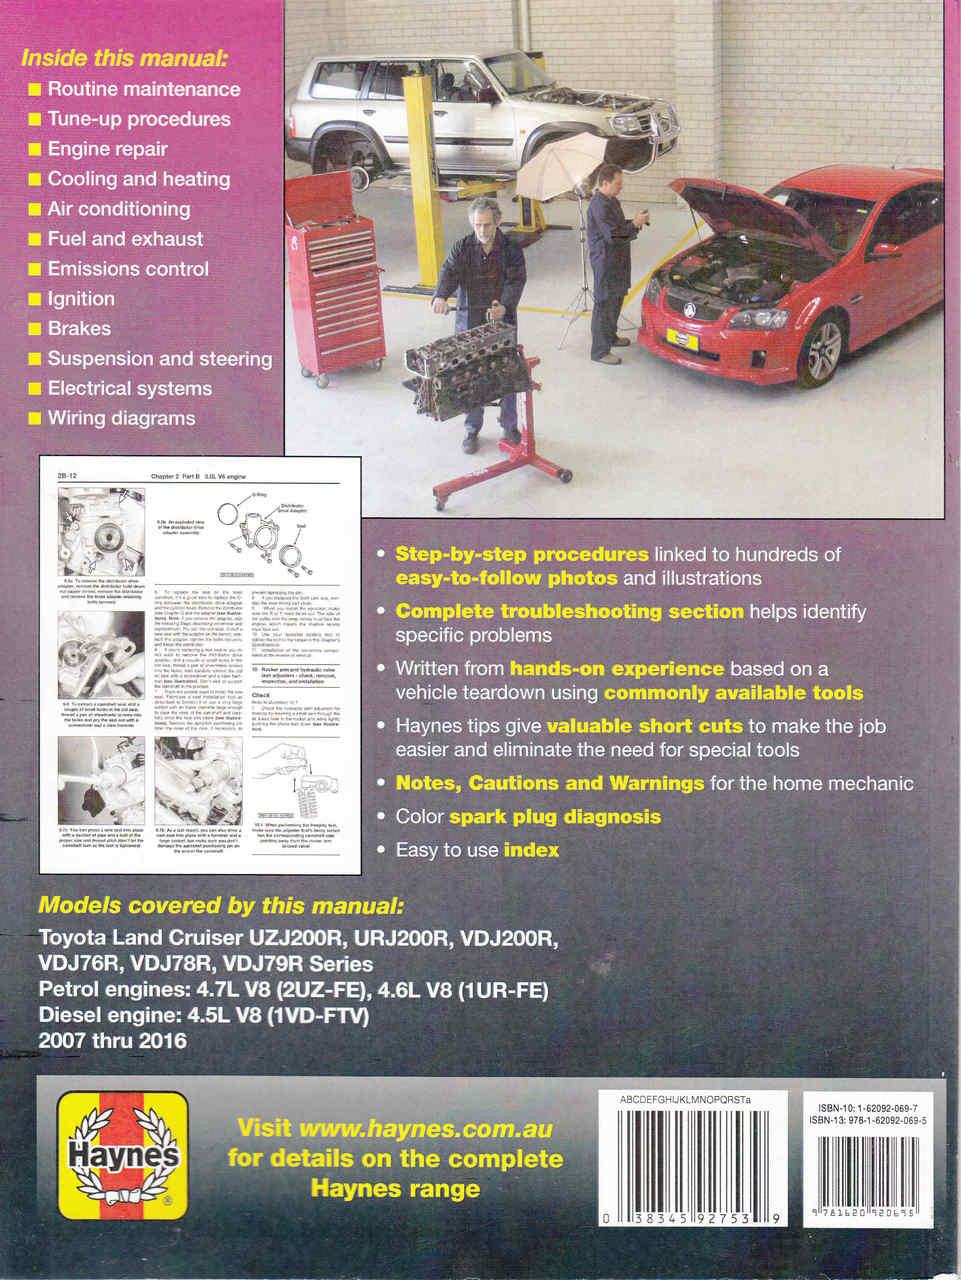 Toyota Land Cruiser 76, 78, 79 and 200 Series Petrol & Diesel 2007 - 2016  Workshop Manual